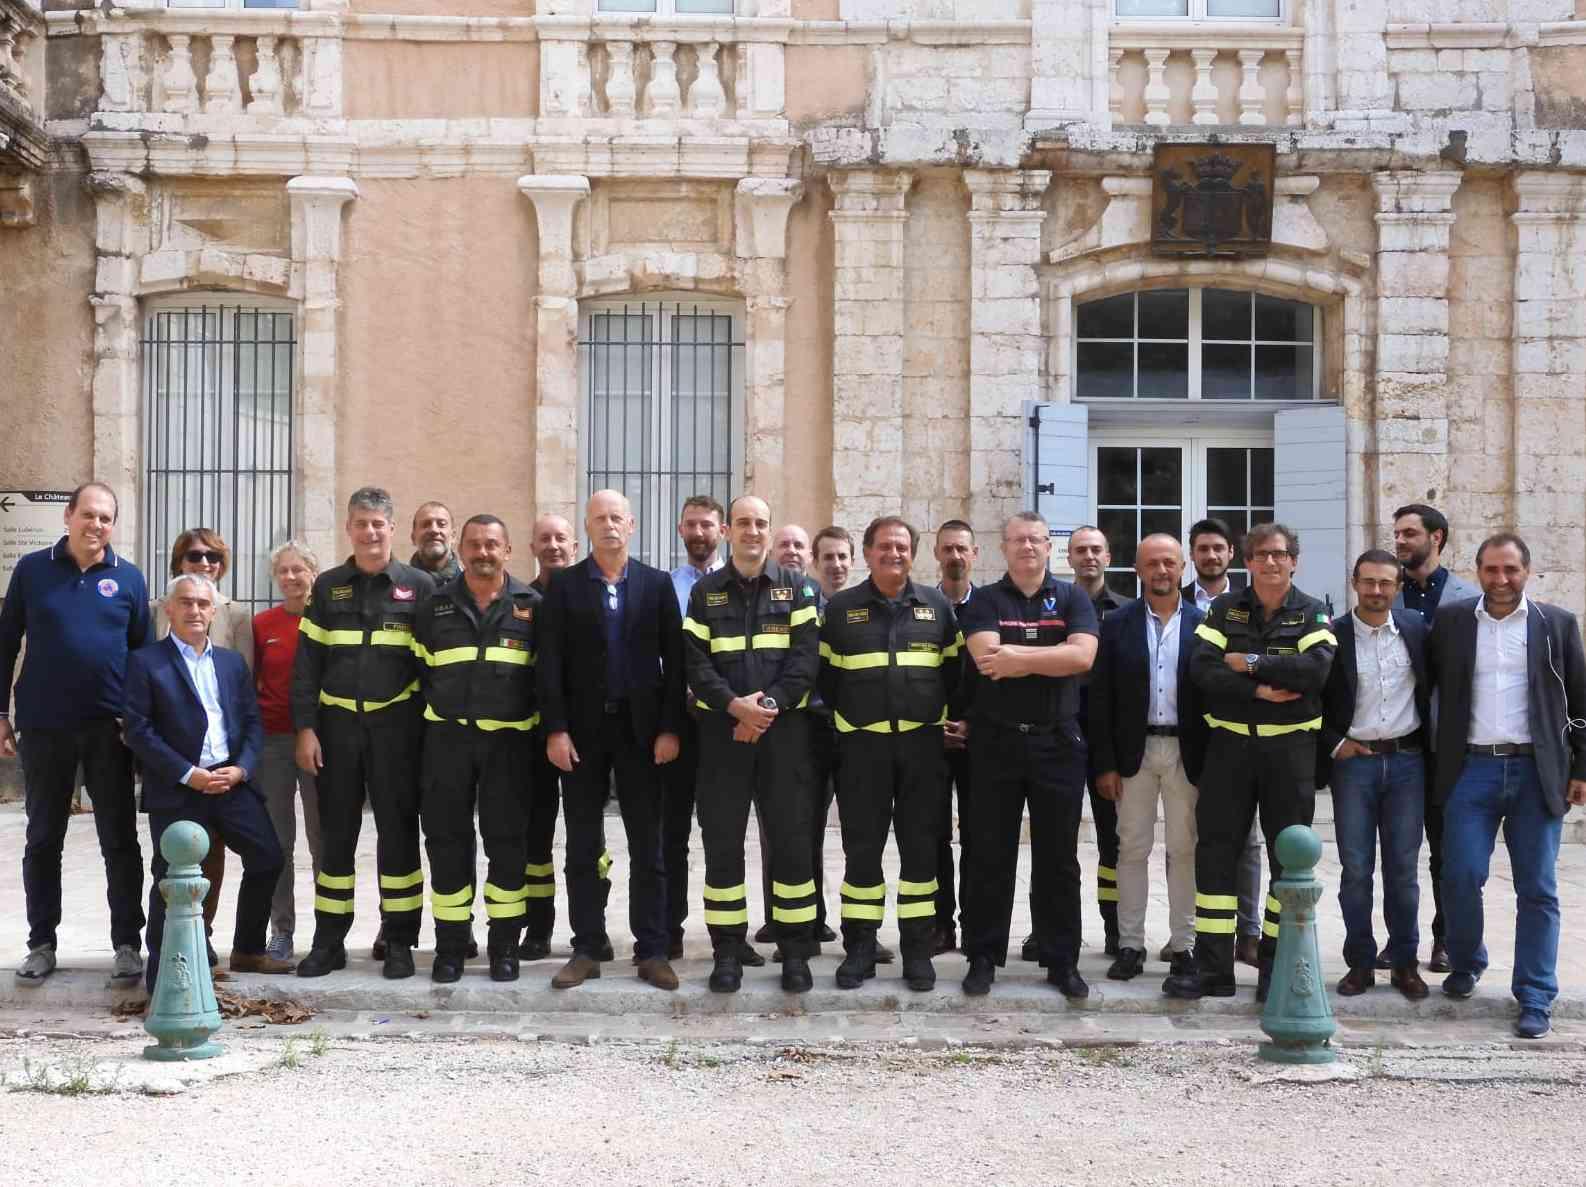 Immagine articolo: Aix-en Provence in Francia, concluso workshop internazionale sulle tematiche relative al soccorso alle popolazioni colpite da grandi catastrofi